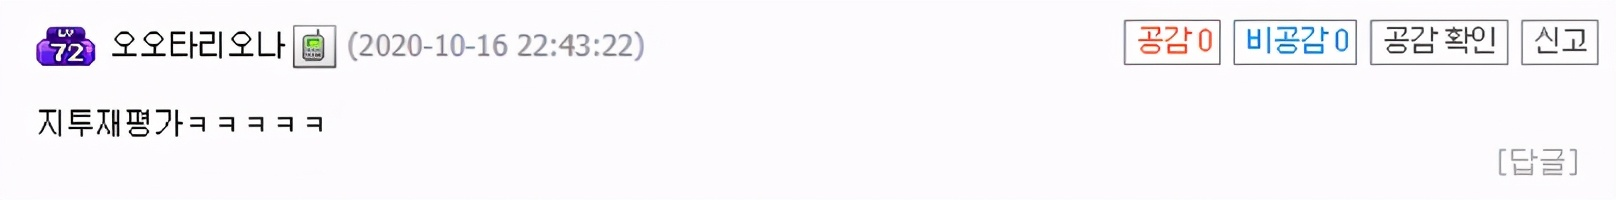 赵云传之纵横天下_韩网热议SN淘汰JDG:今年Dade奖要从京东里选了-第8张图片-游戏摸鱼怪